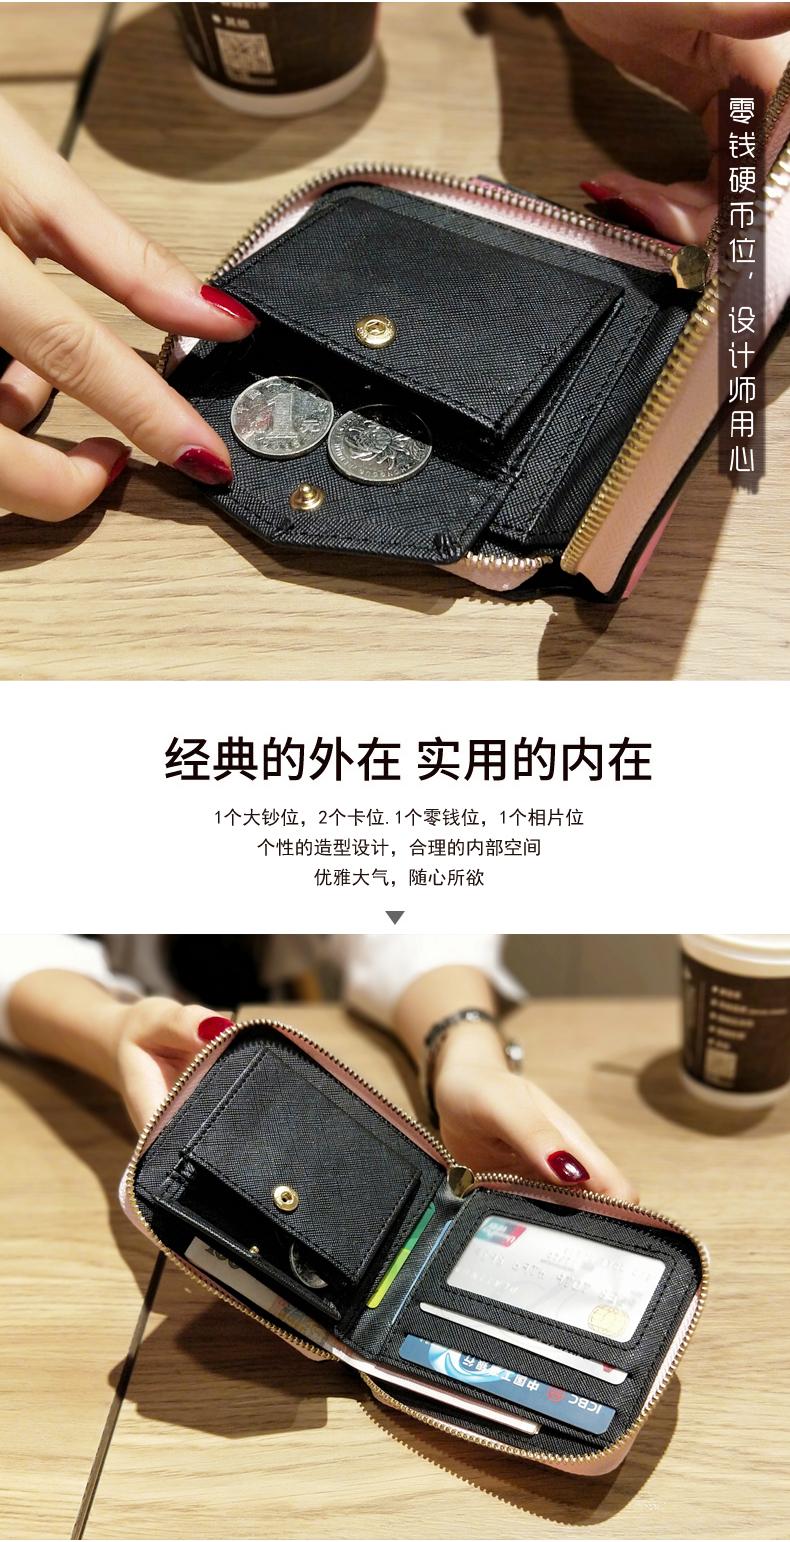 2018新款几何拼色女士钱包女短款韩版个性时尚蛇纹学生钱夹零钱包3张